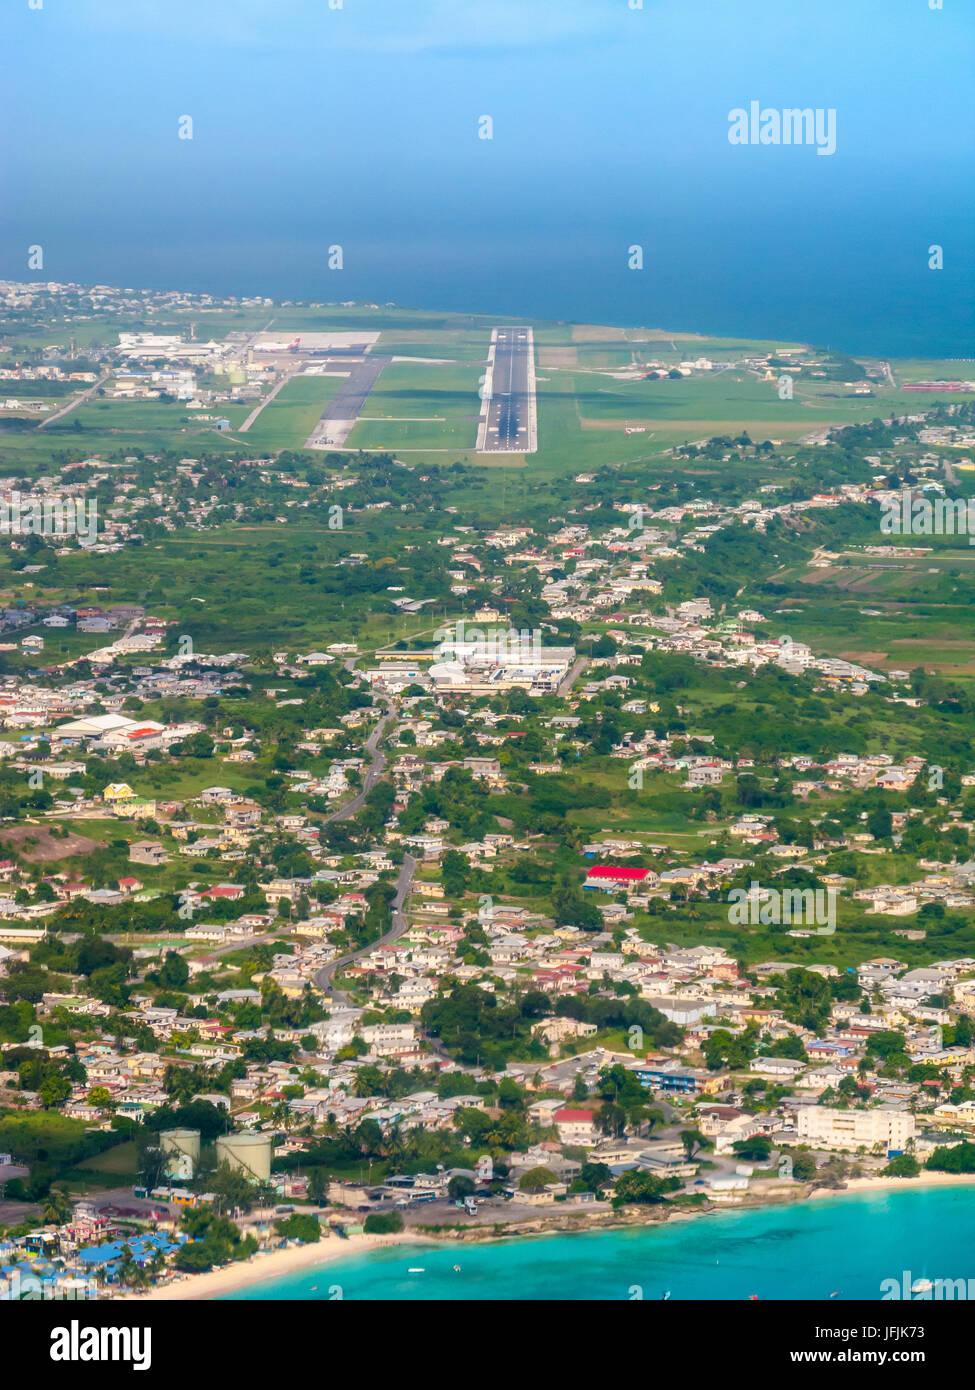 La Barbade La Barbade, l'approche de la piste de l'aéroport international Grantley Adams (GAIA), l'aéroport de la Barbade, Antilles Banque D'Images